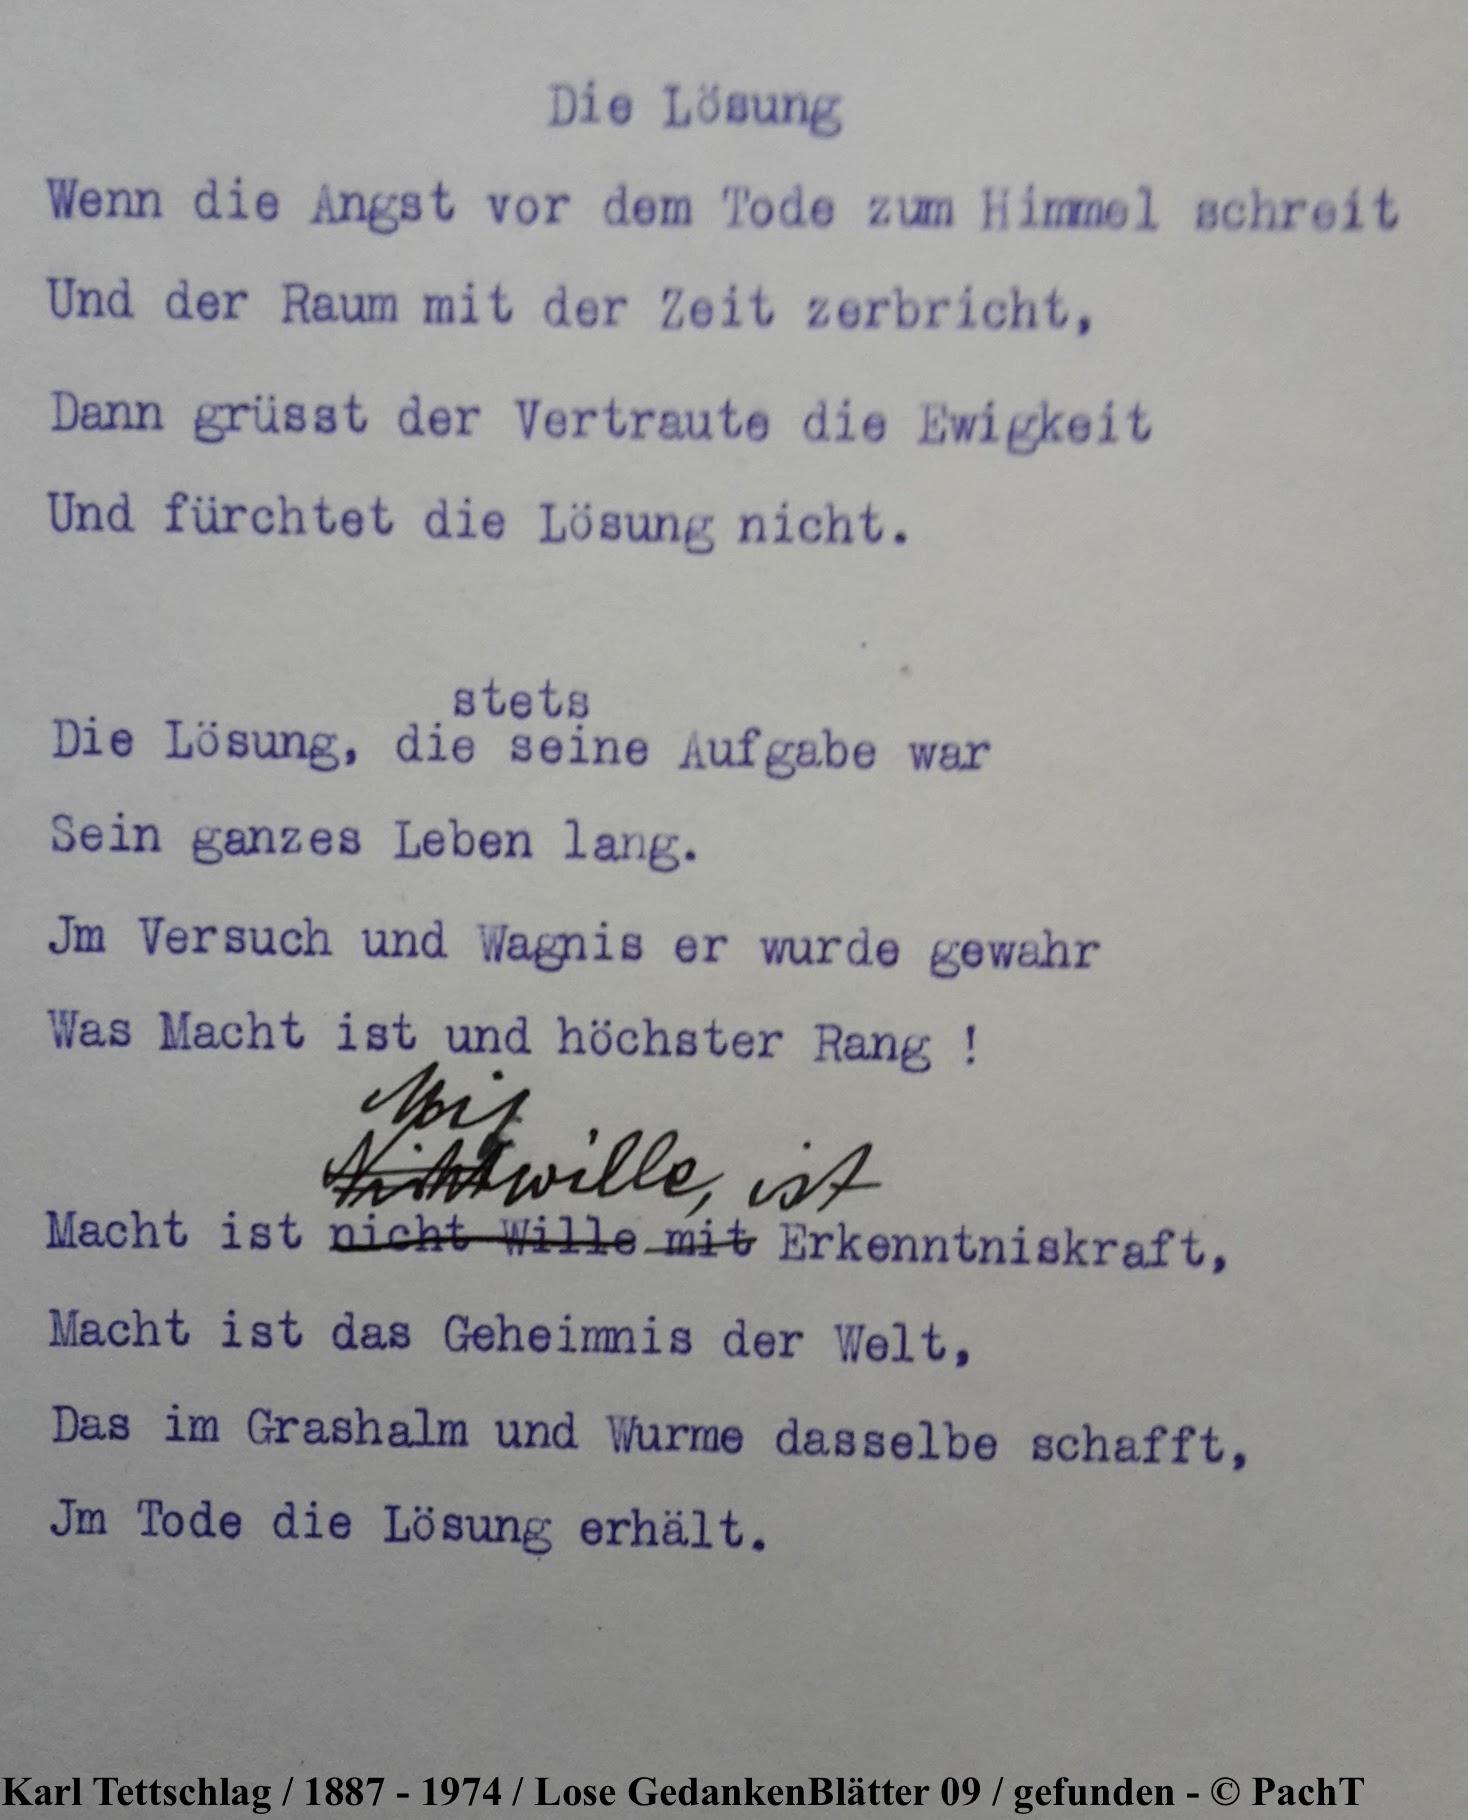 1887 - 1974 Erinnerungen an meinen Opa _ Lose GedankenBlätter 09